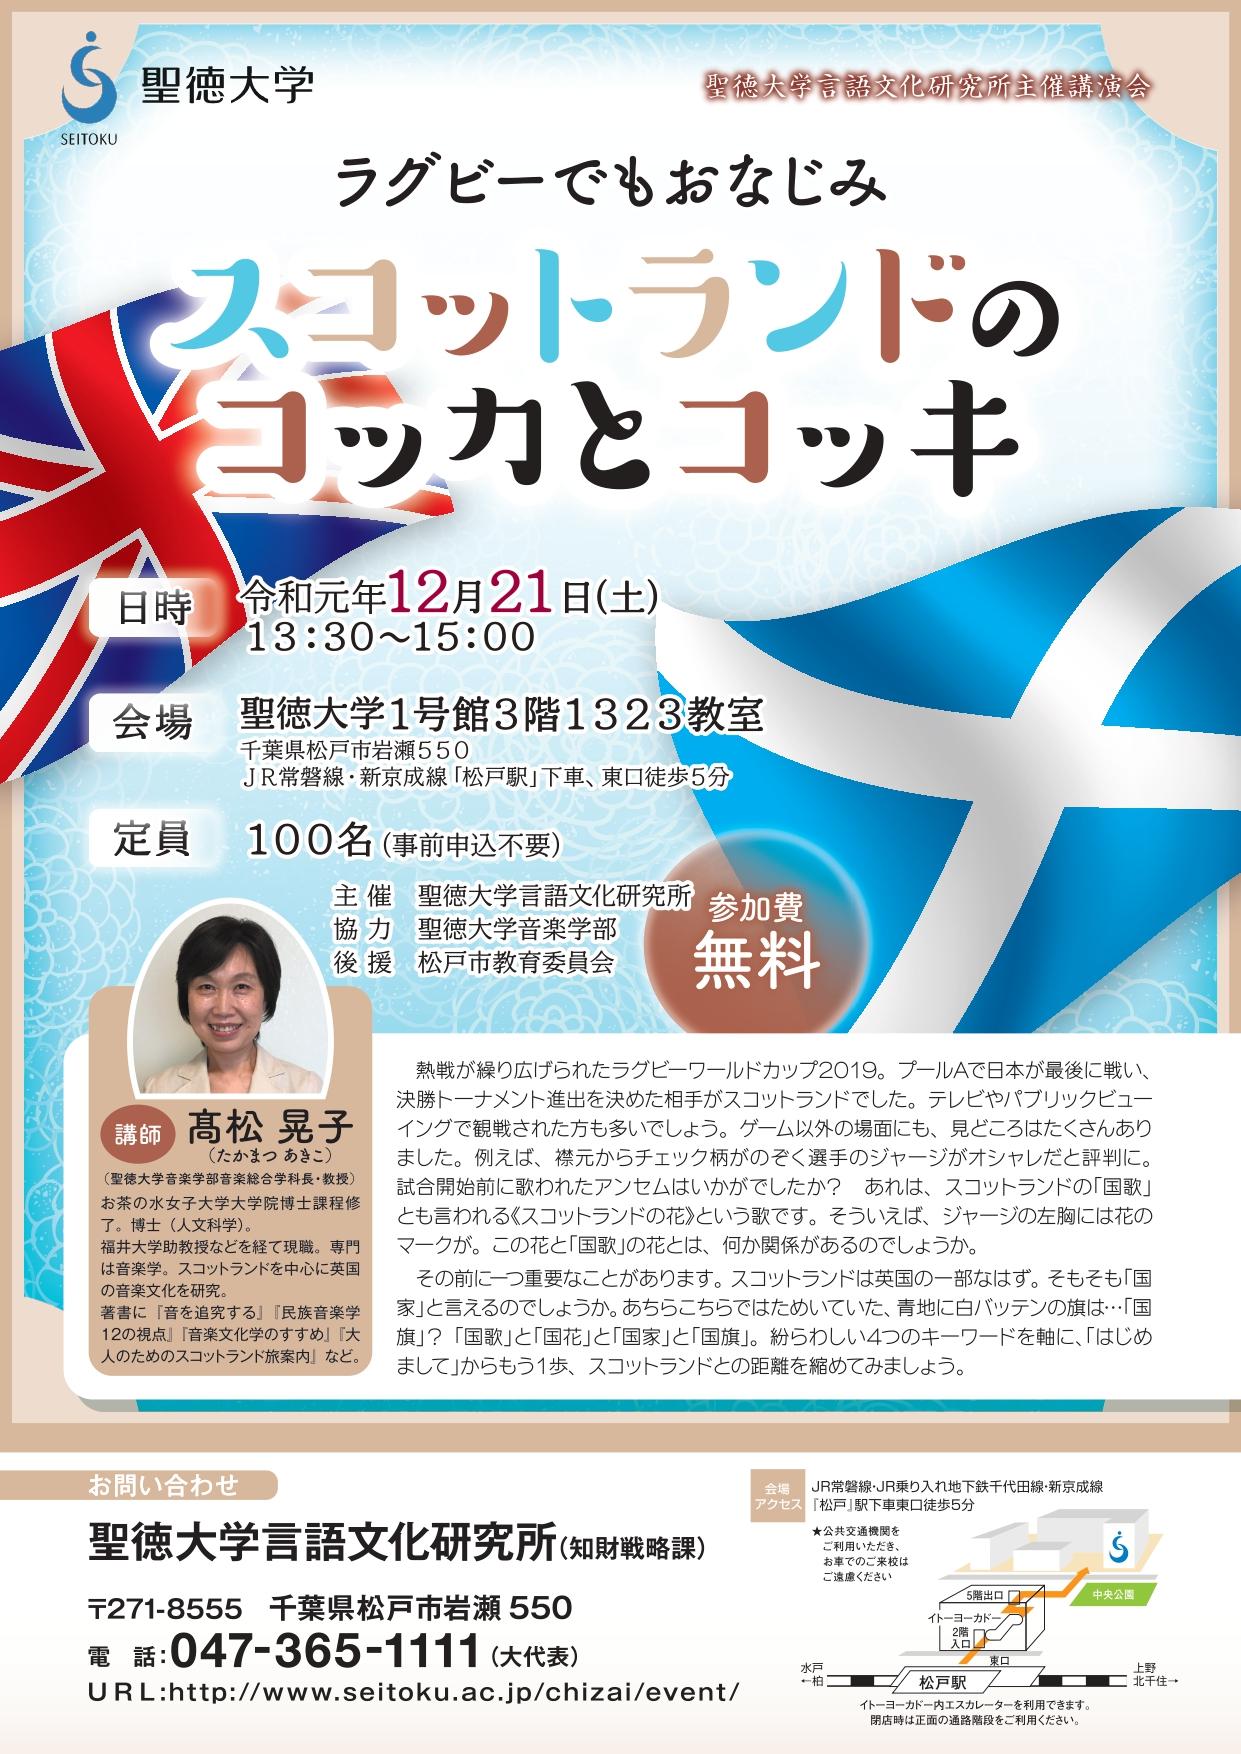 講演会のお知らせ:髙松晃子先生「ラグビーでもおなじみ~スコットランドのコッカとコッキ」